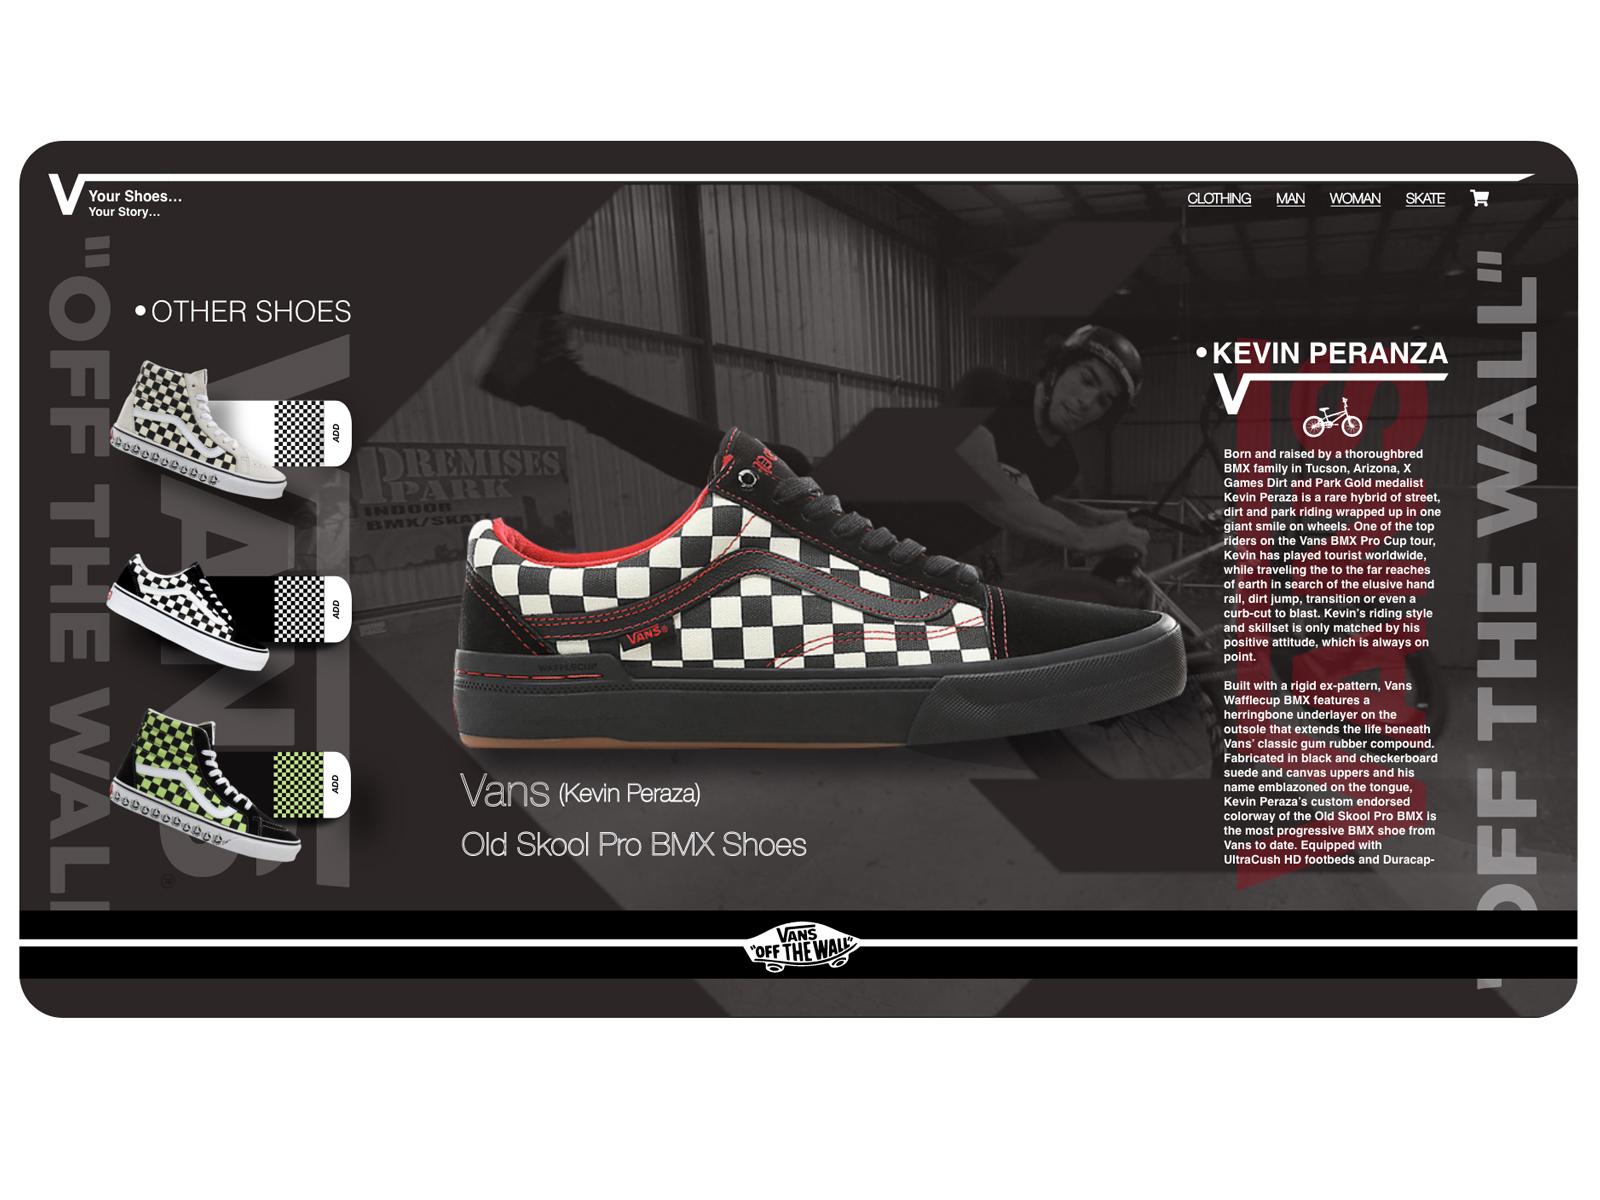 vans online shop